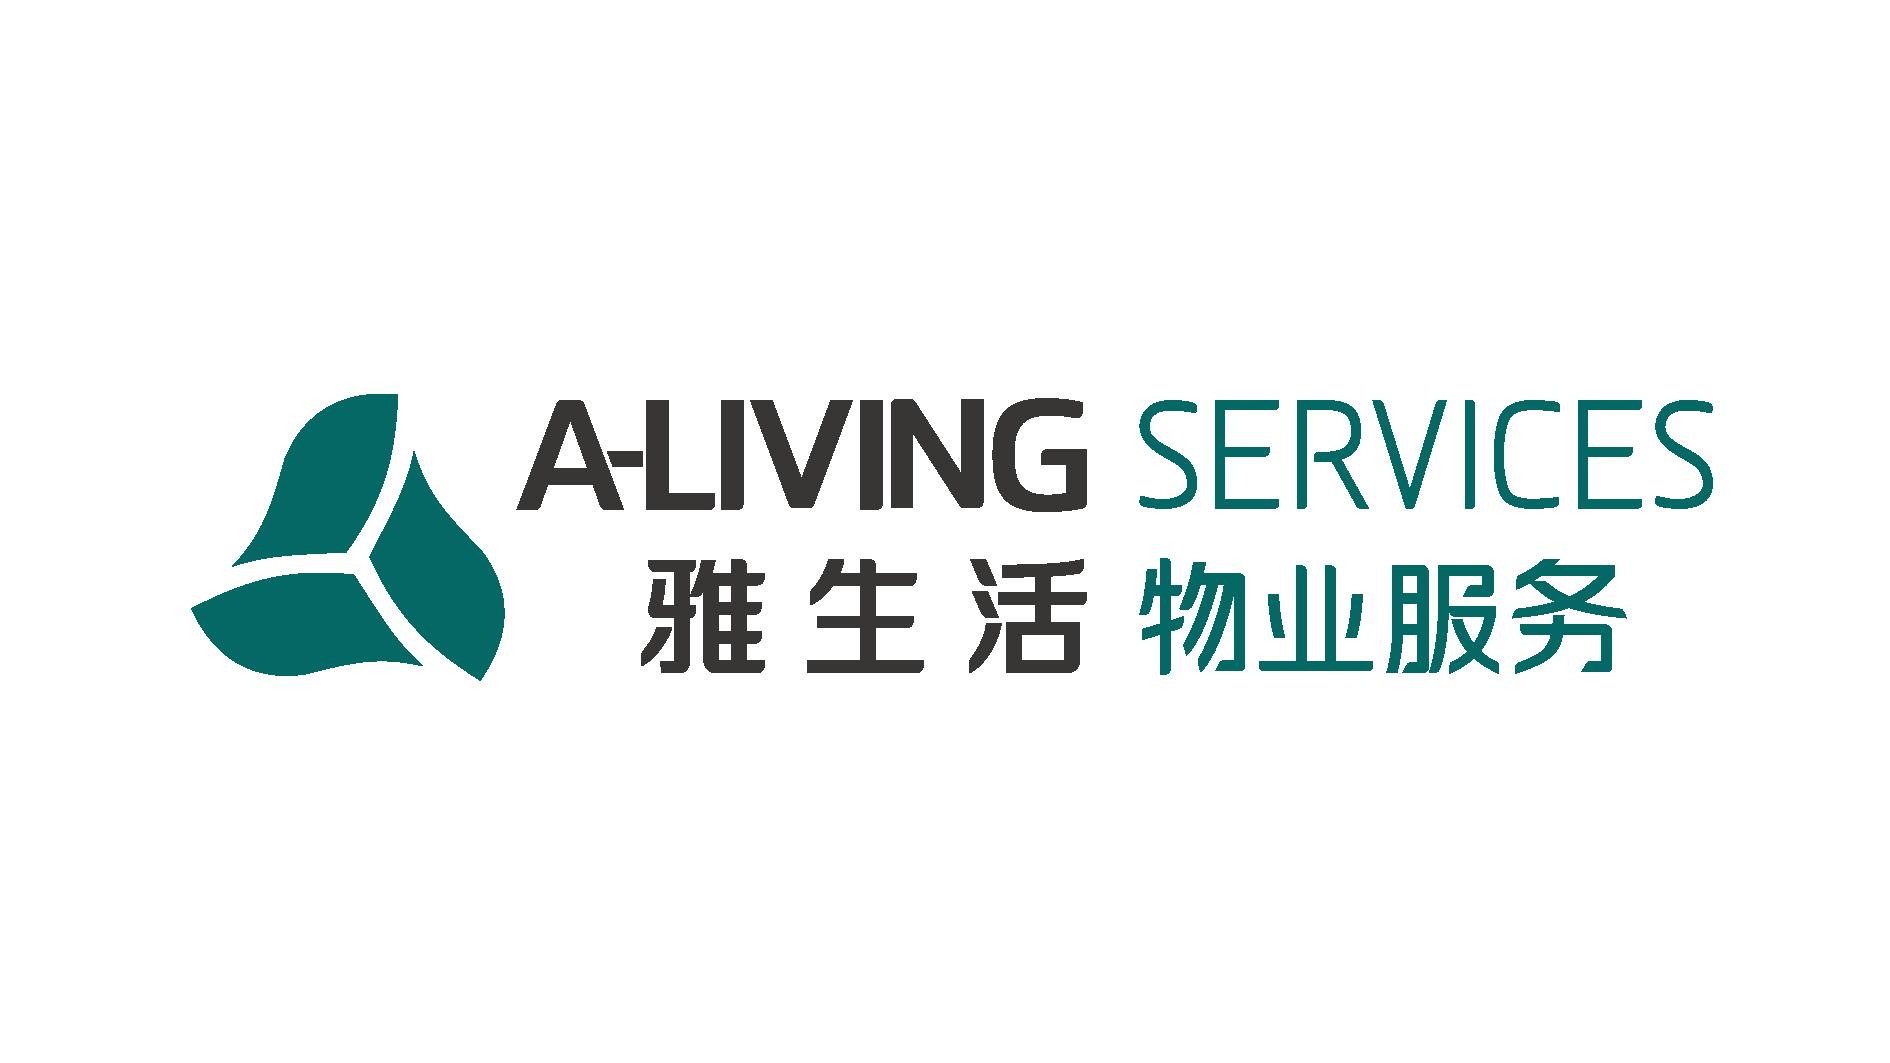 雅居乐雅生活服务股份有限公司_国际人才网_job001.cn